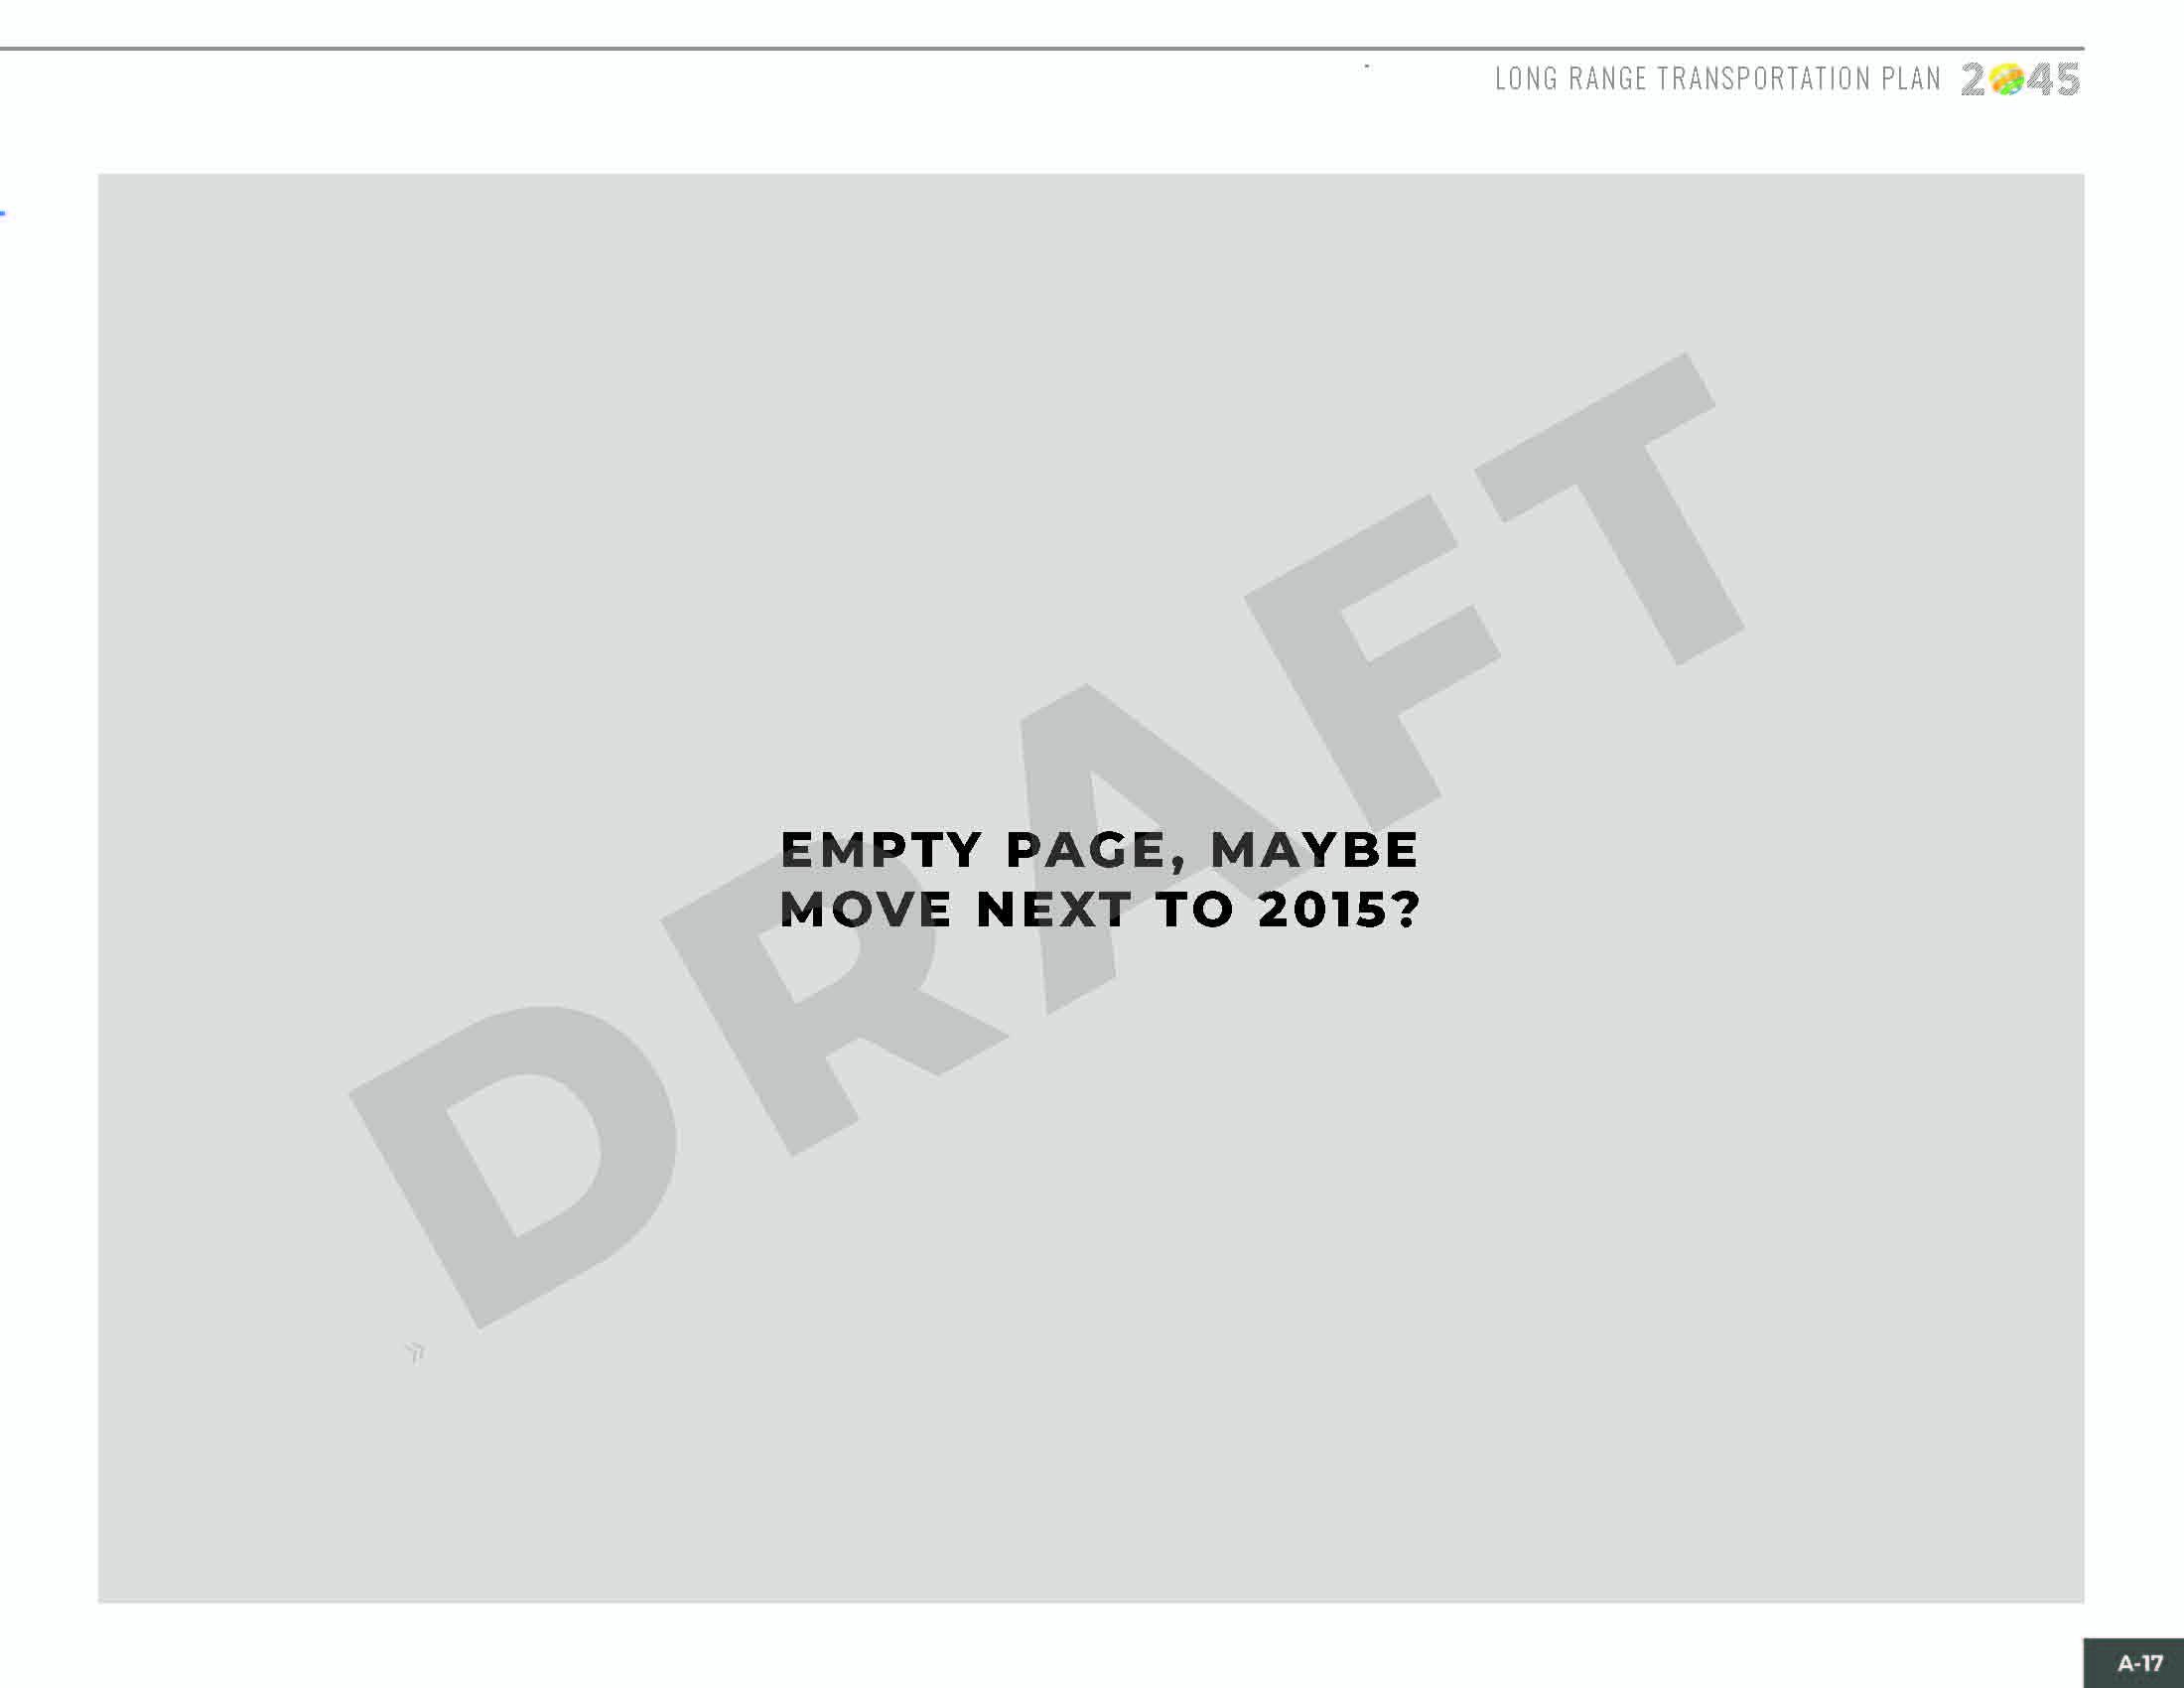 LRTP_072319_Page_201.jpg